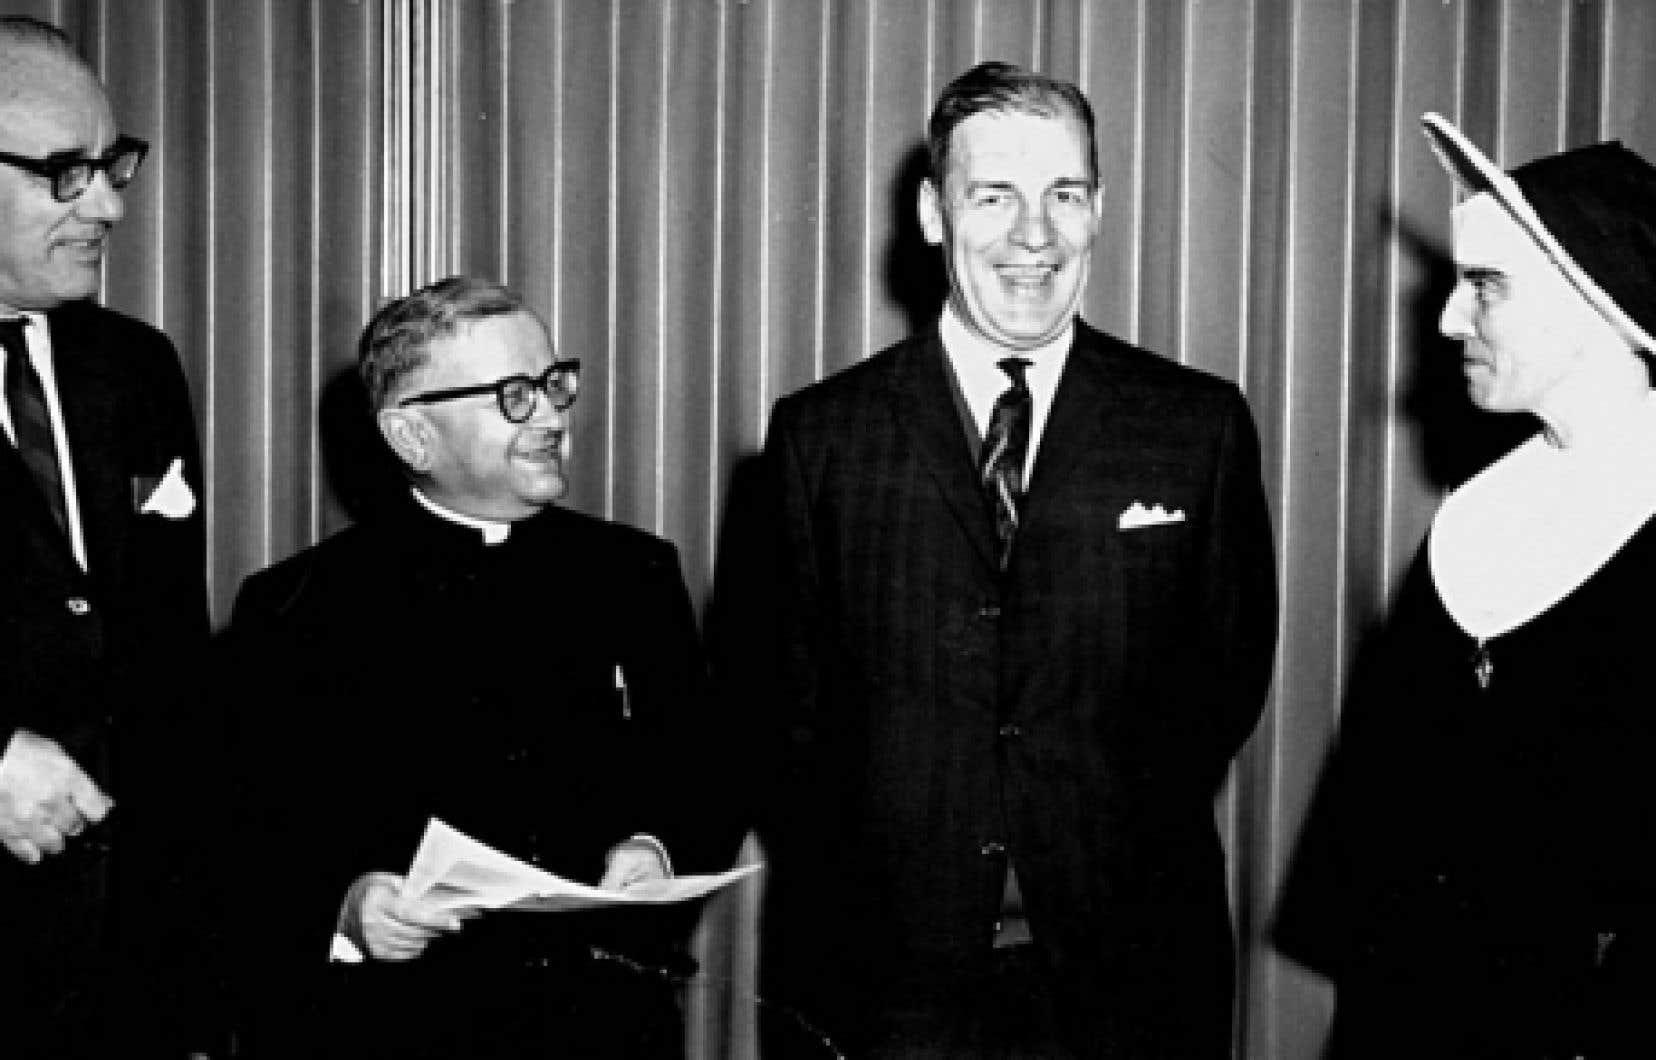 La commission Parent, présidée par Mgr Alphonse-Marie Parent (deuxième à gauche), accouche d'un volumineux rapport: trois tomes répartis en cinq volumes, 1485 pages, 567 recommandations, publiés de 1963 à 1966.<br />